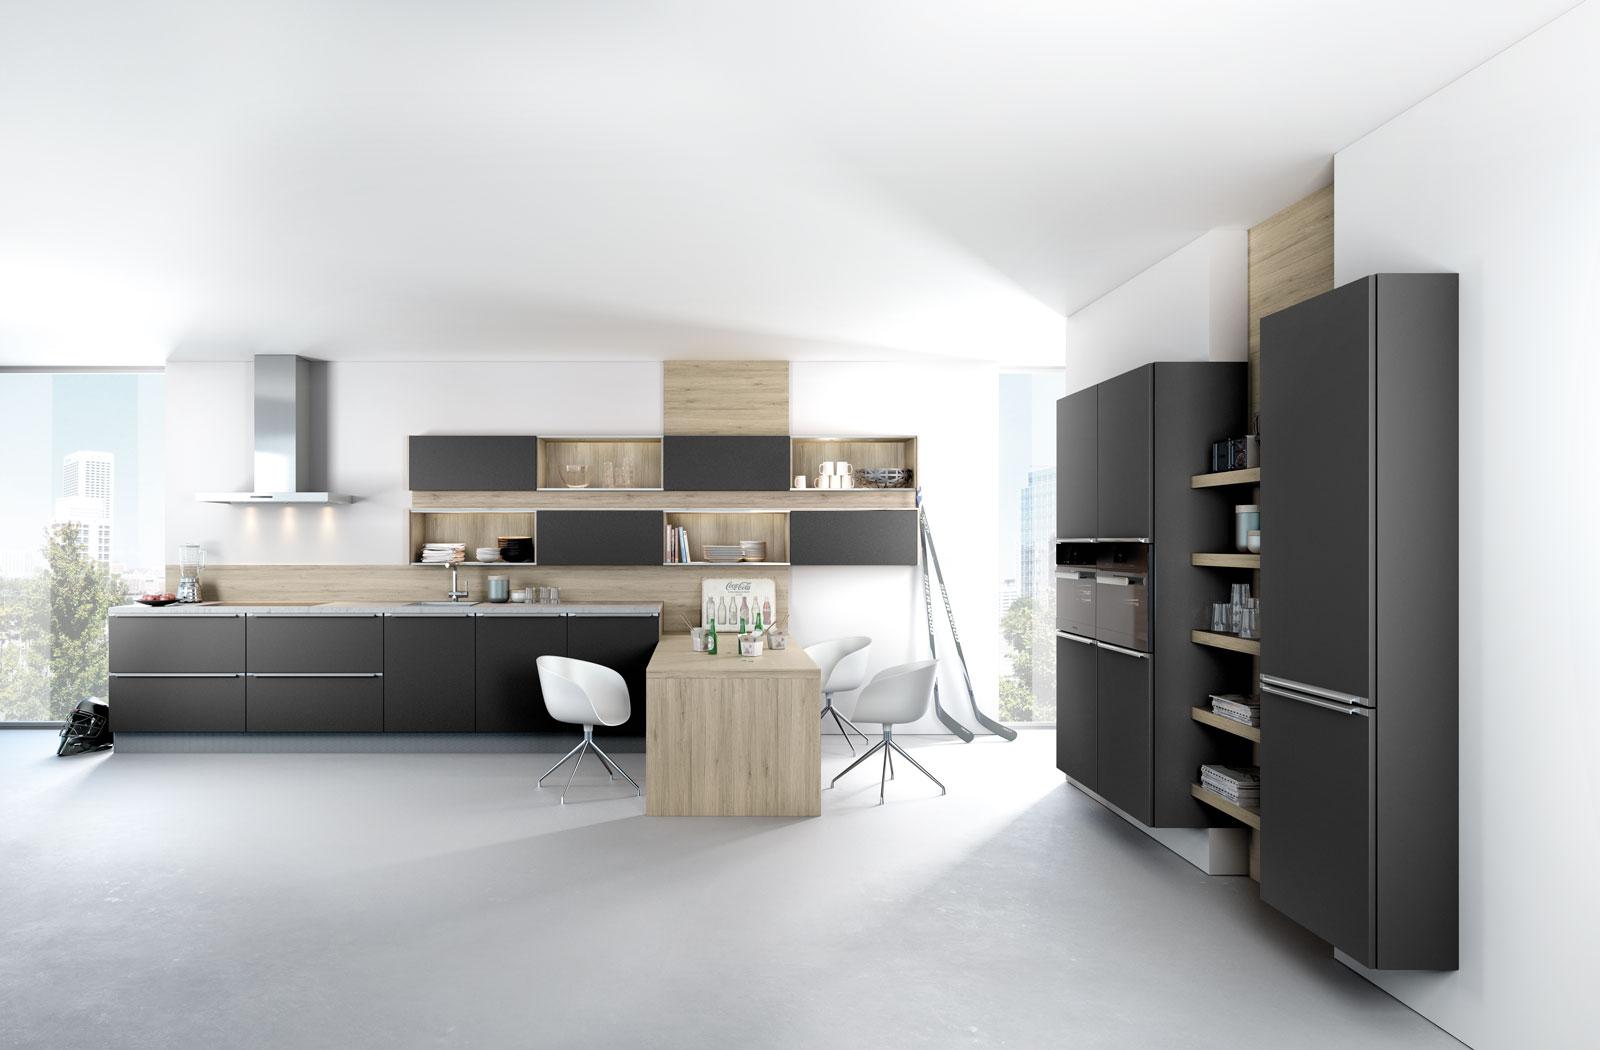 Qualitätsküchen Für Unternehmen Hunold Küchen